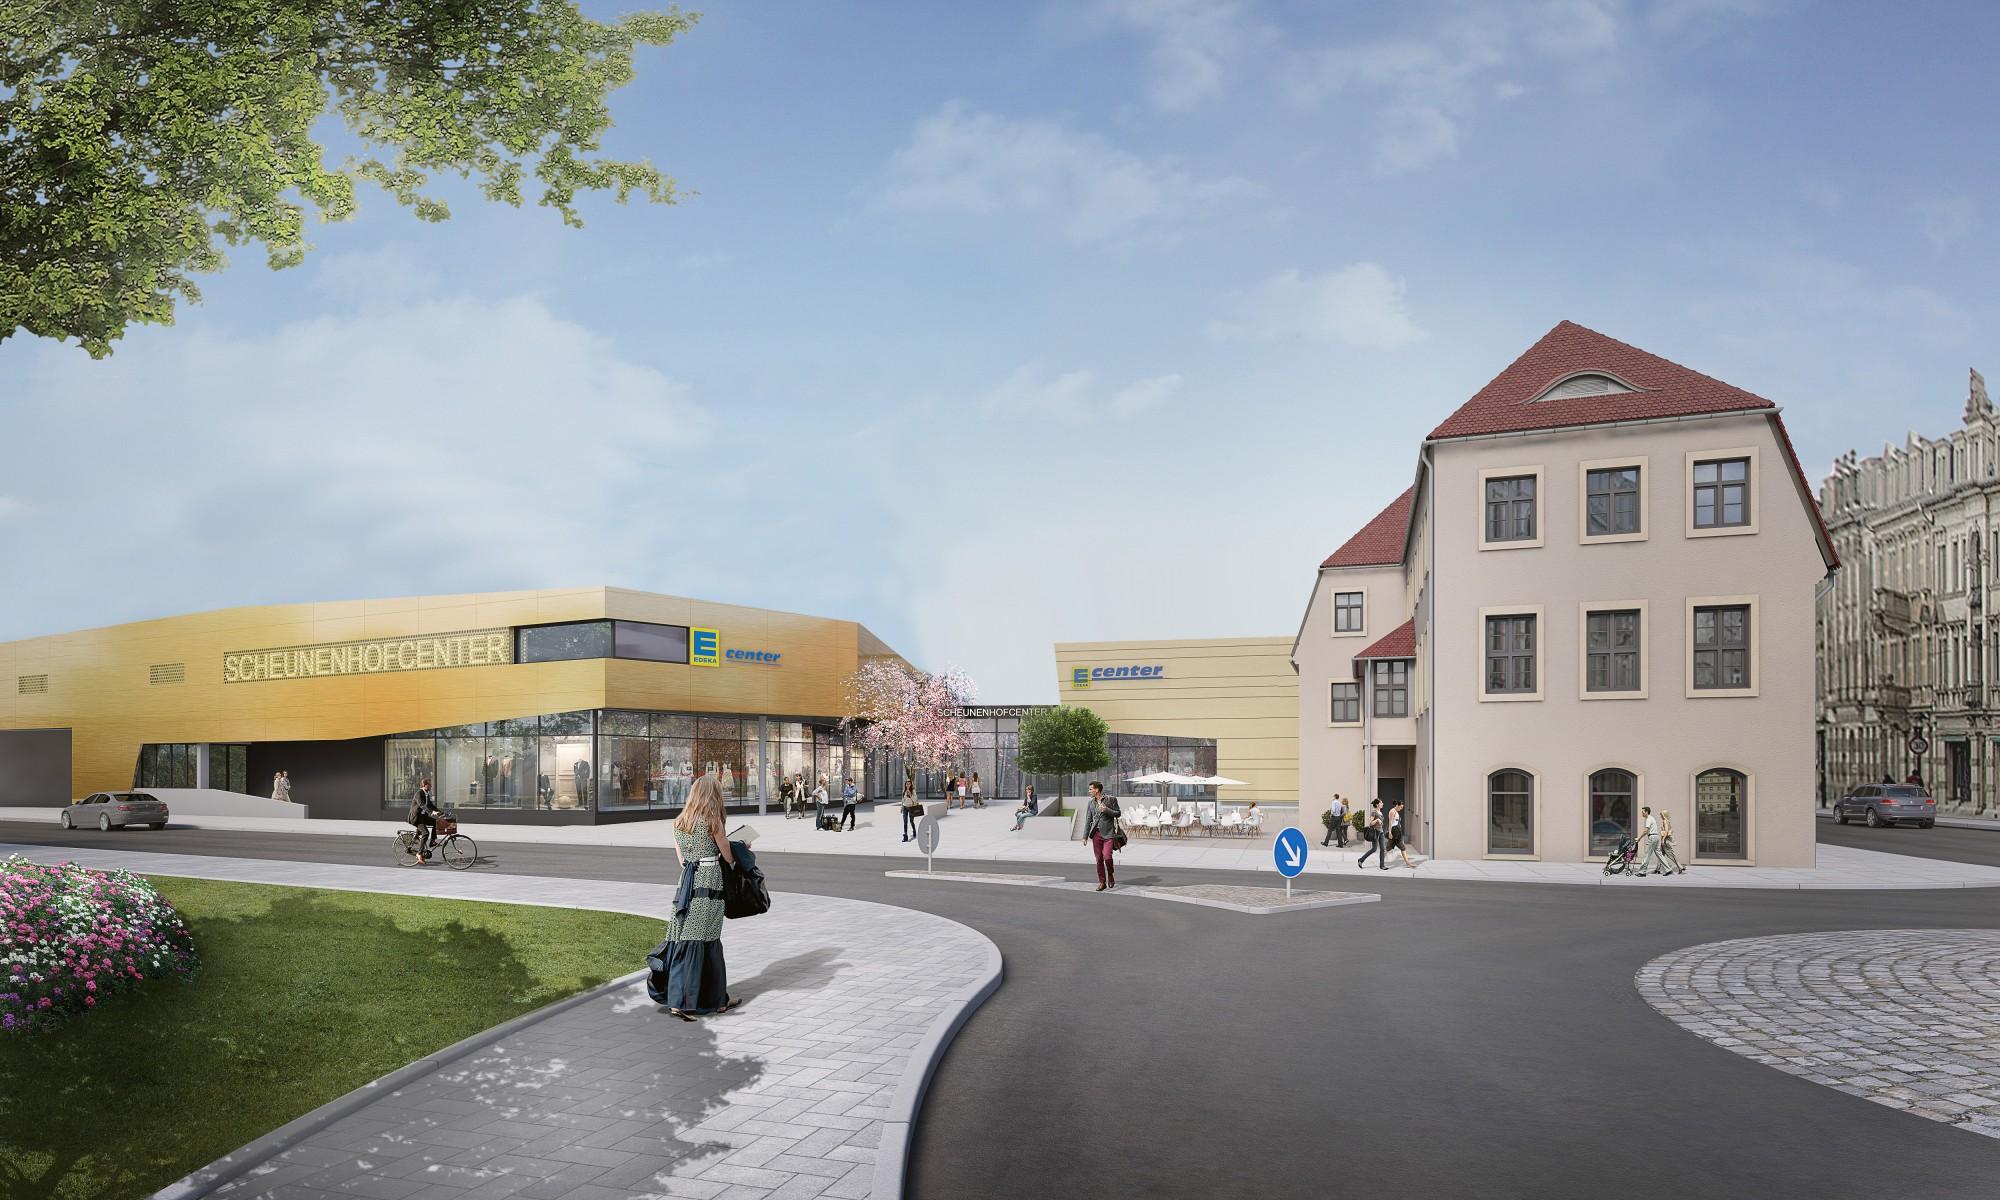 Quartier scheunenhof seidel architekten - Seidel architekten ...